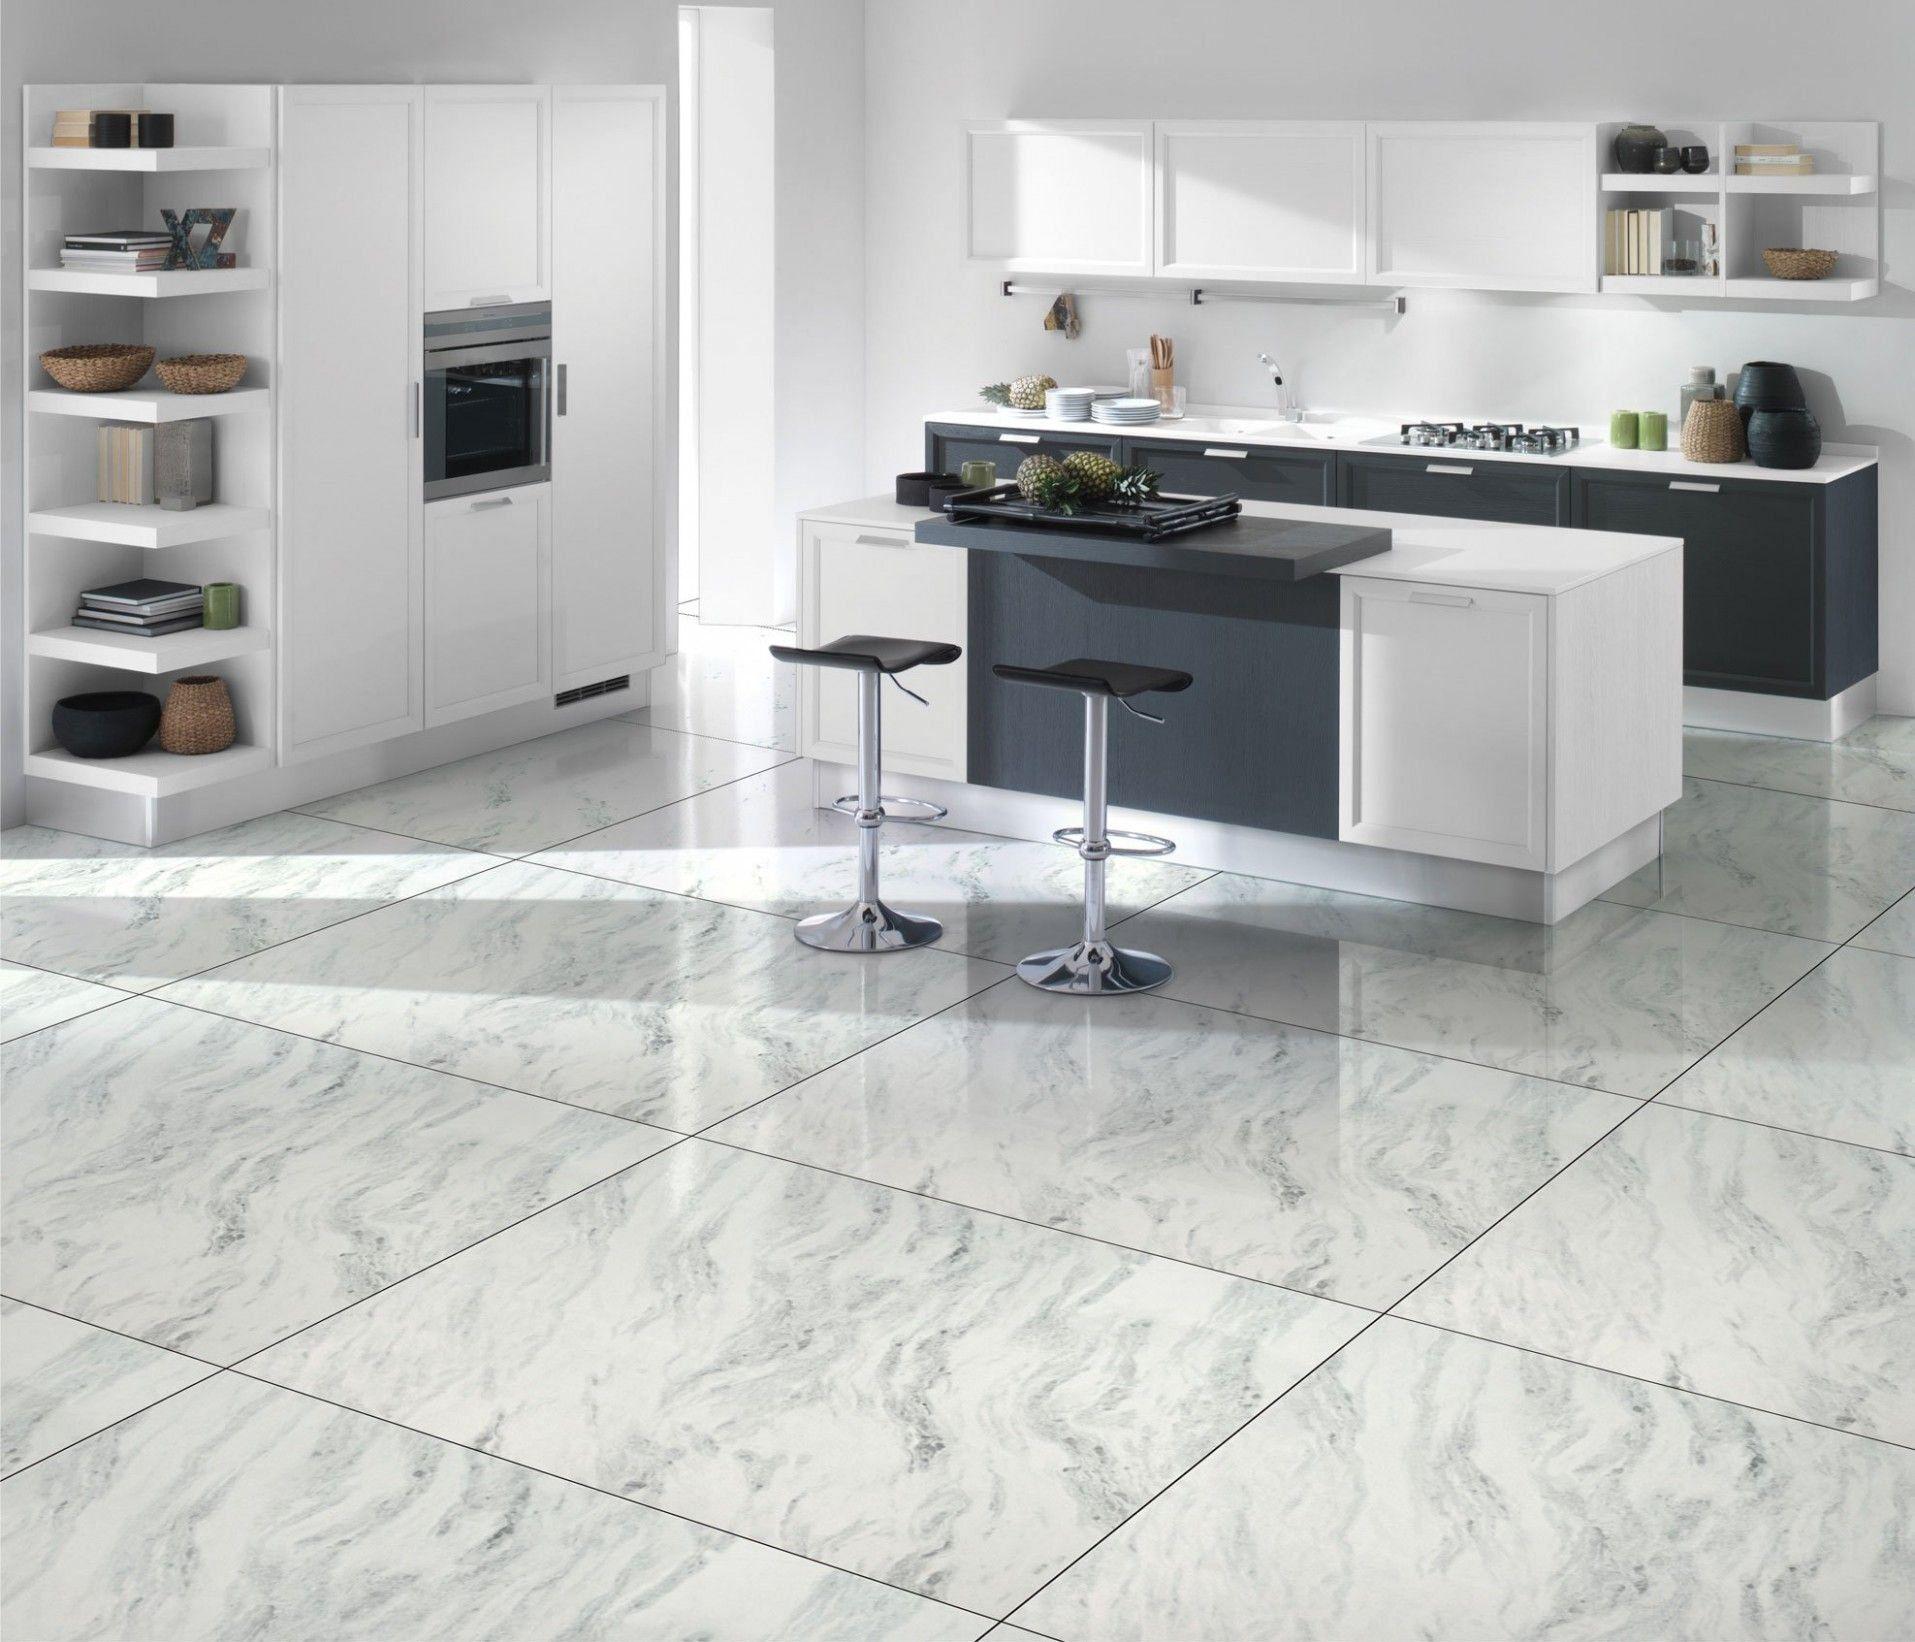 Kajaria Bedroom Floor Tiles 1000 In 2020 Floor Tile Design Ceramic Floor Tile Living Room Tiles